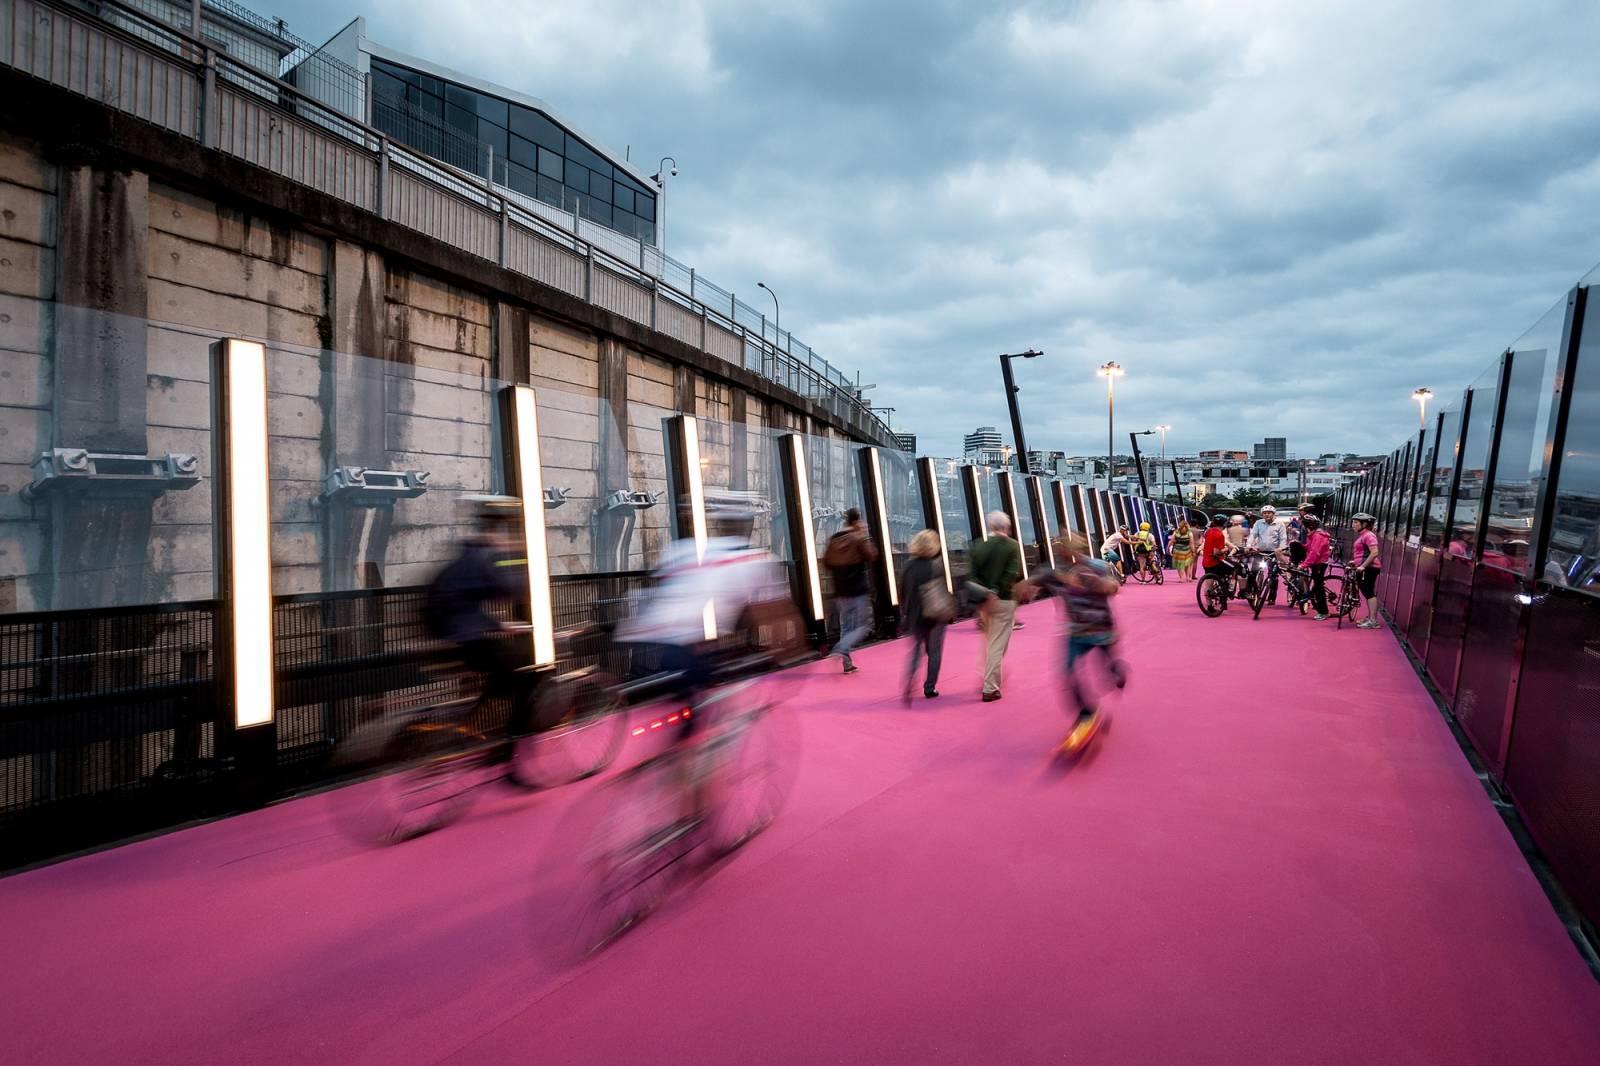 Rosa e illuminata a led: <br />è la ciclabile più bella del mondo